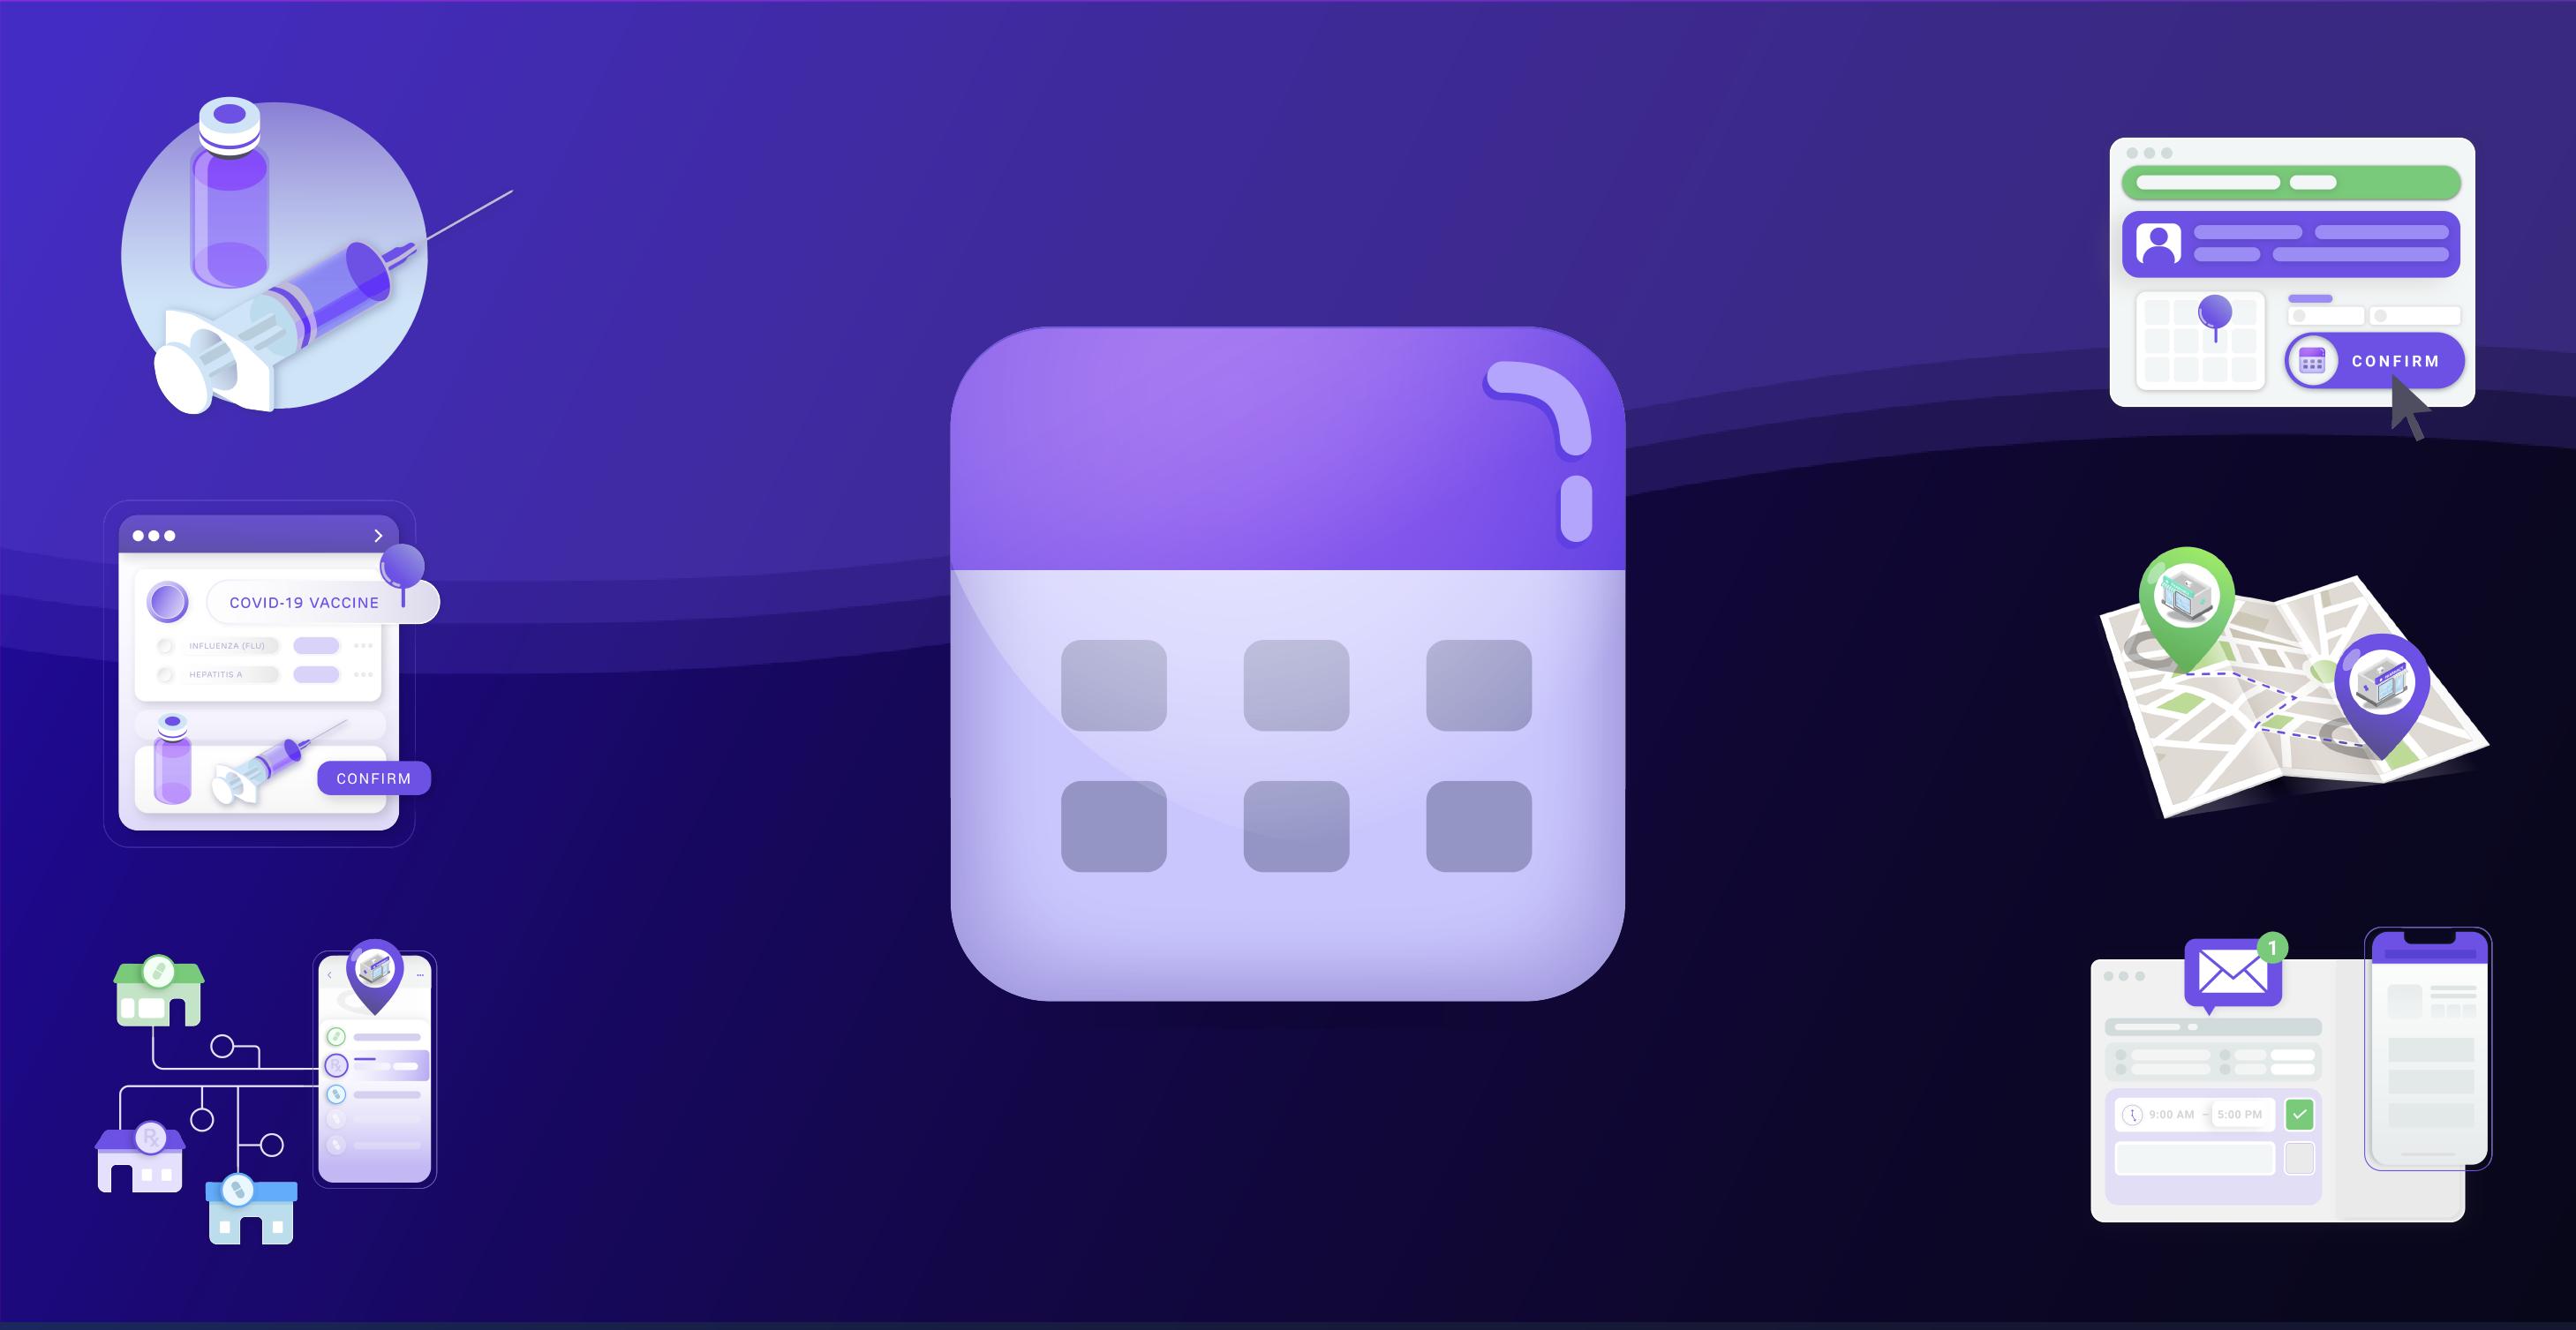 Vaccine Scheduler Icon over dark background